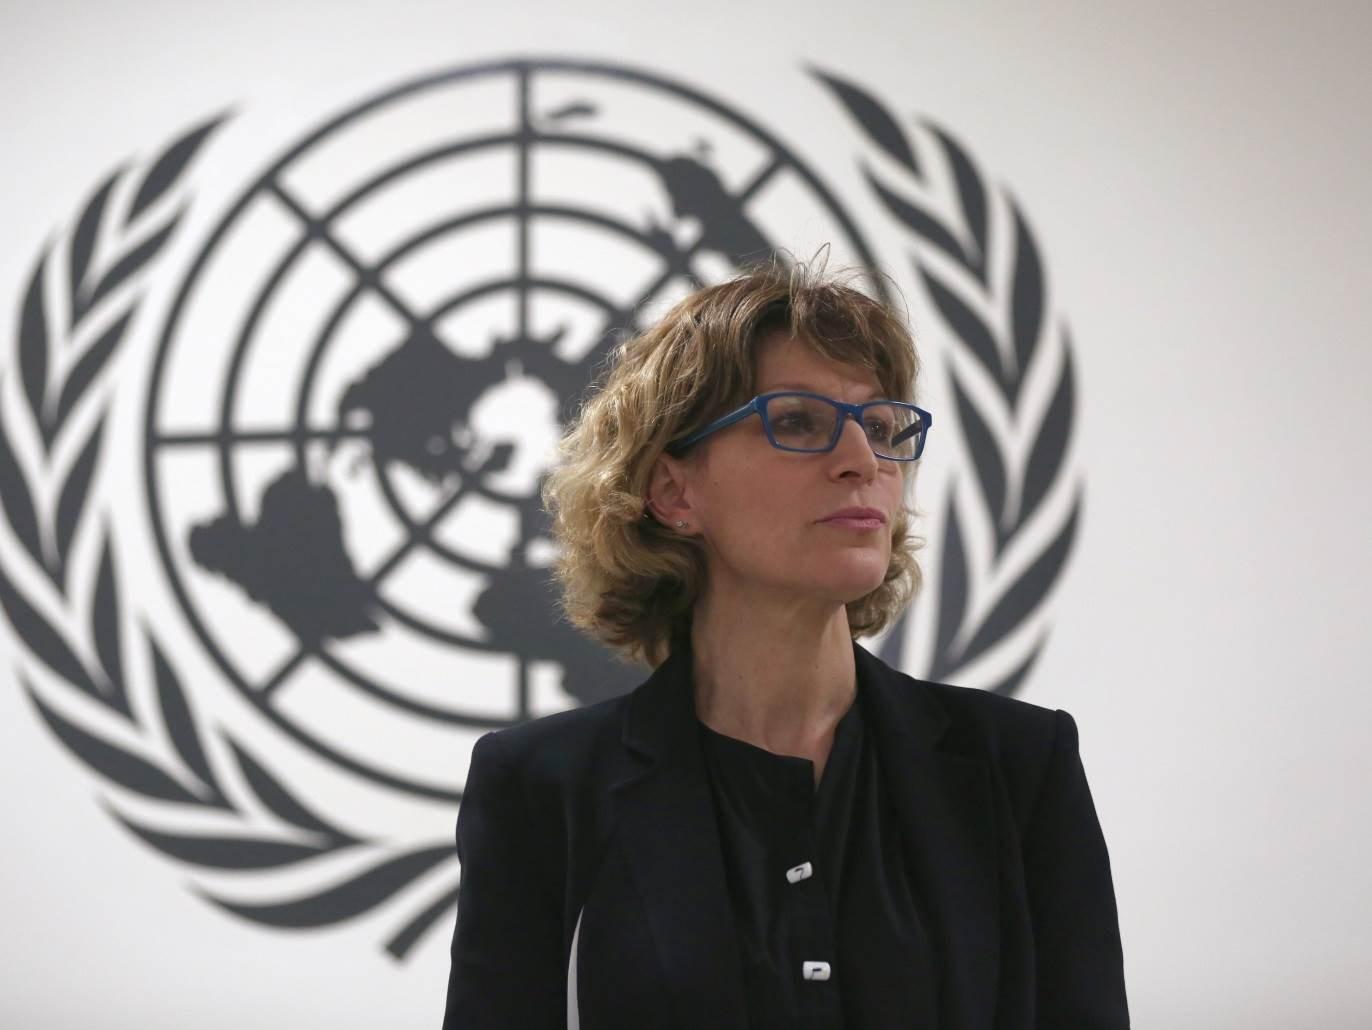 معاون وزير الخارجية الإيراني: إدانة المحققة الأممية أنييس كالامار للتصرف الأميركي أمر قيّم